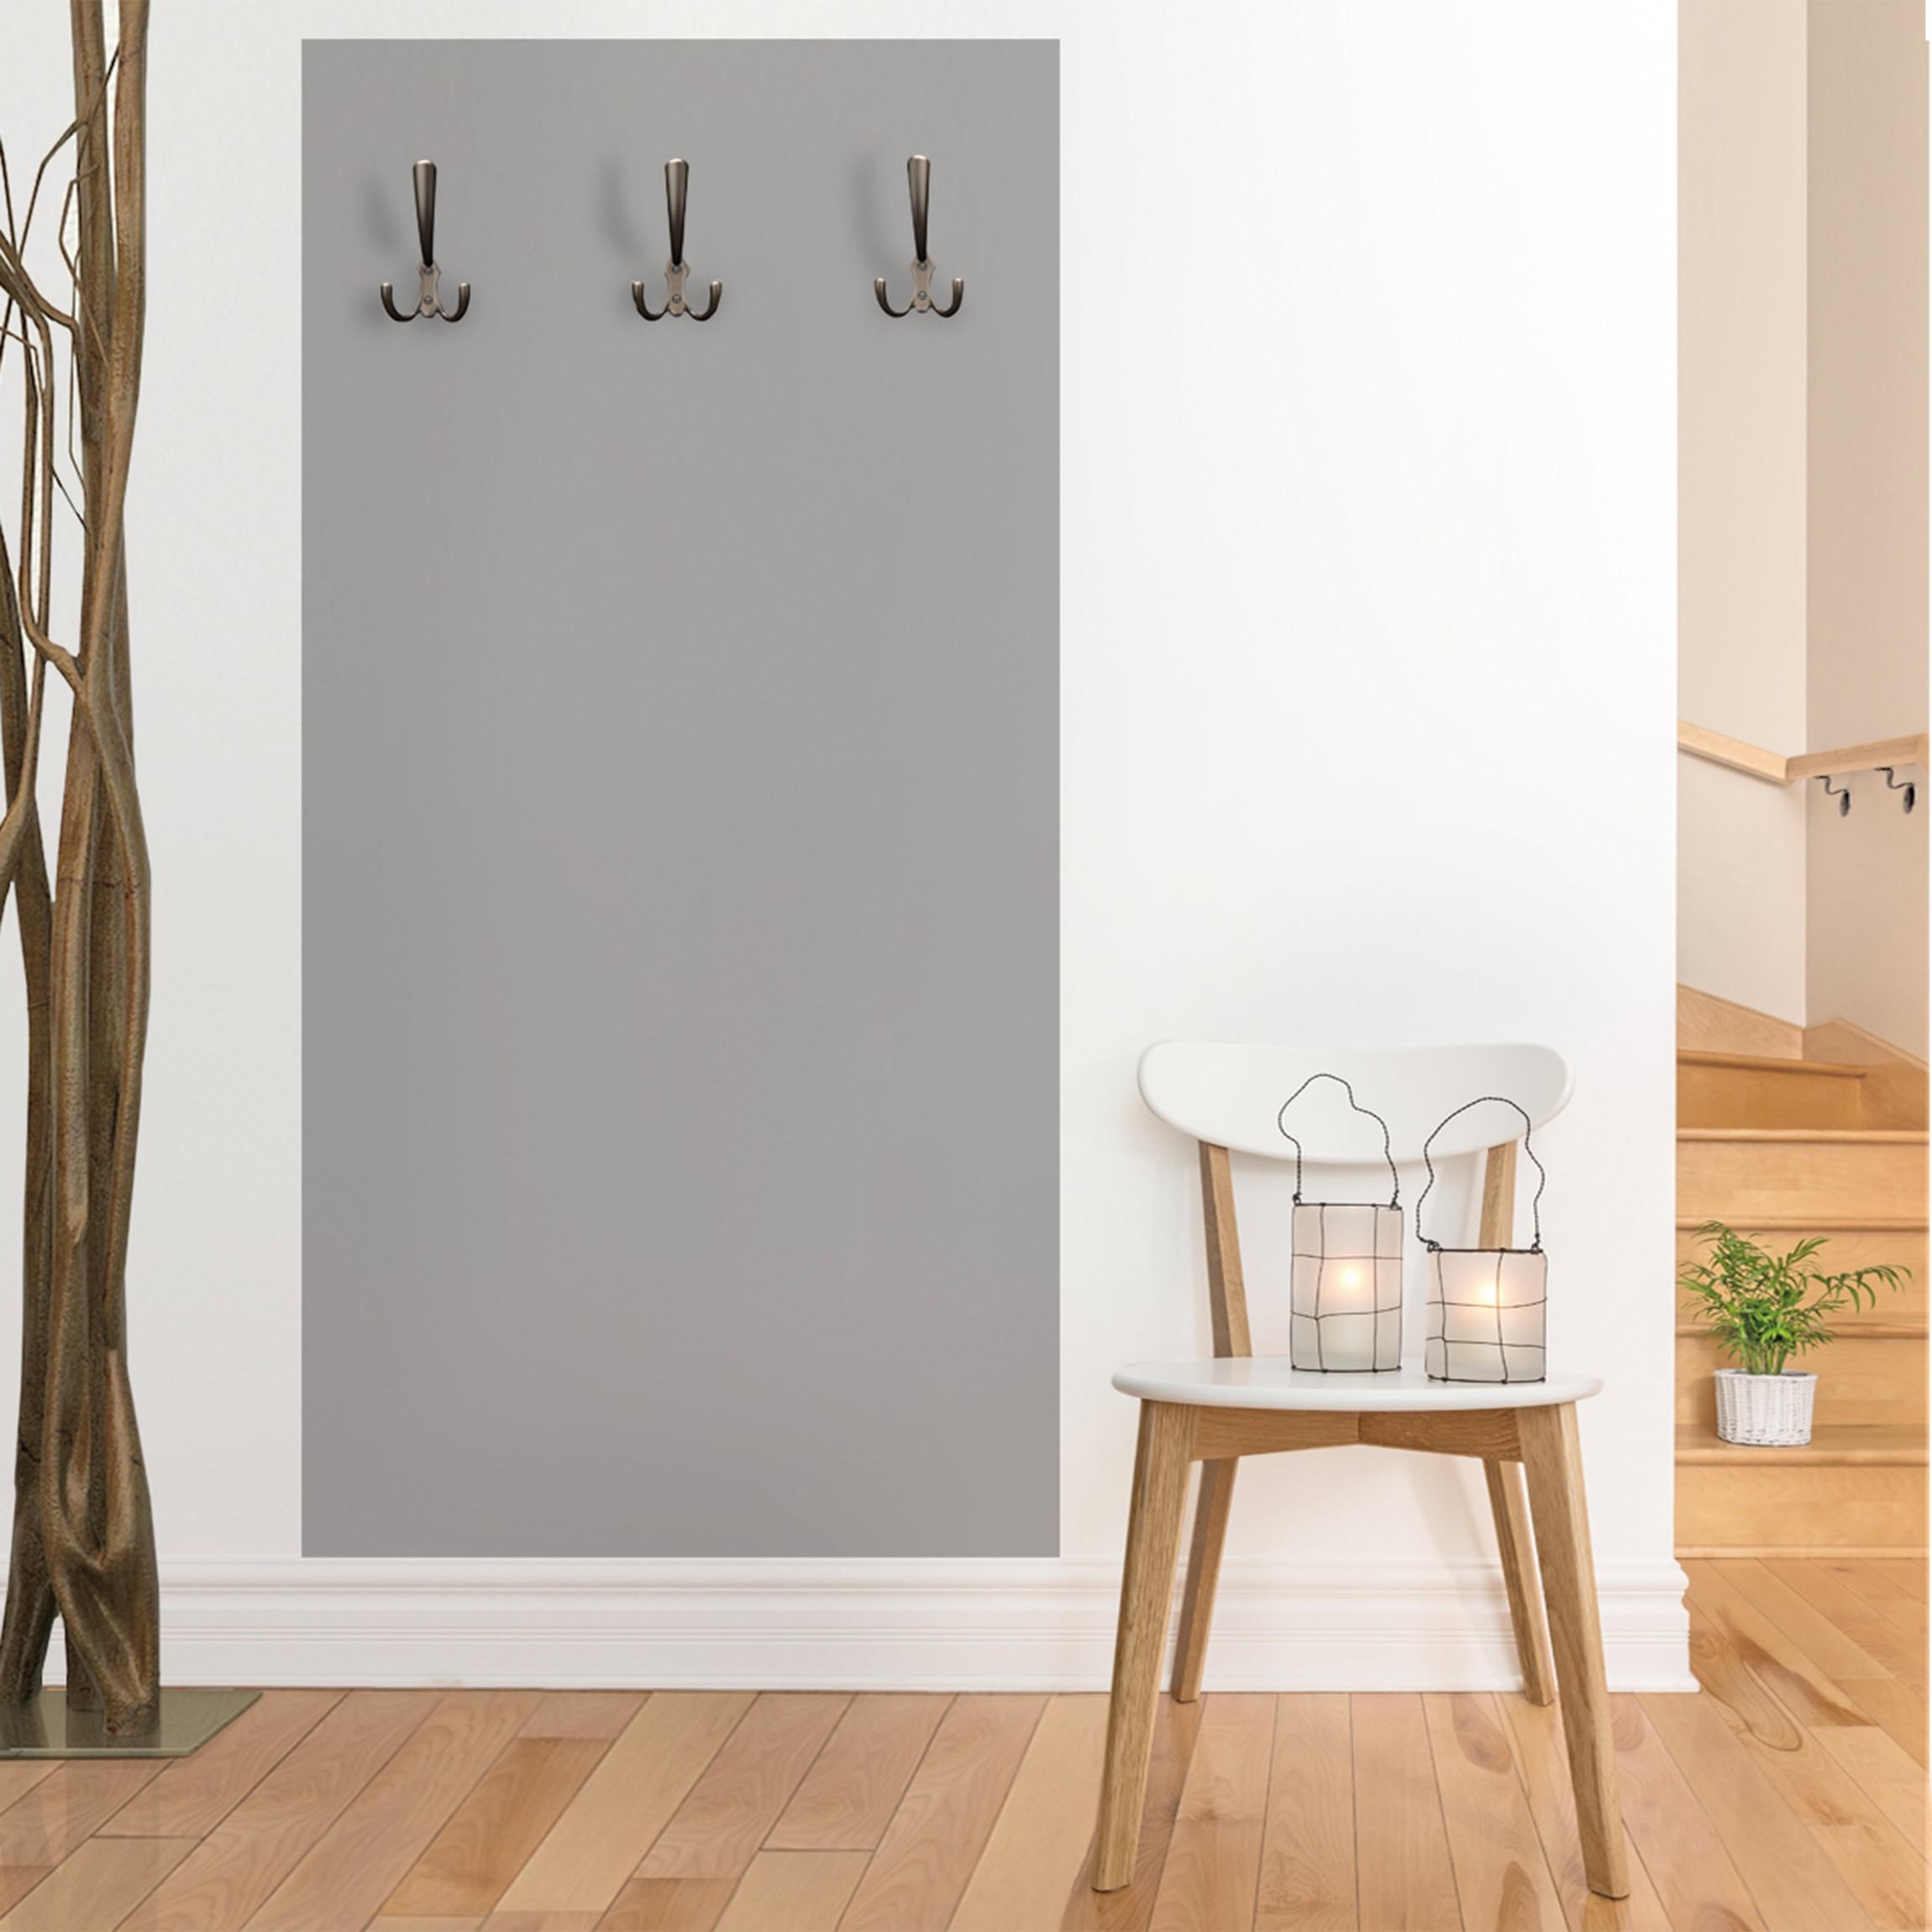 Carta adesiva per mobili colour agate grey - Carta per coprire mobili ...